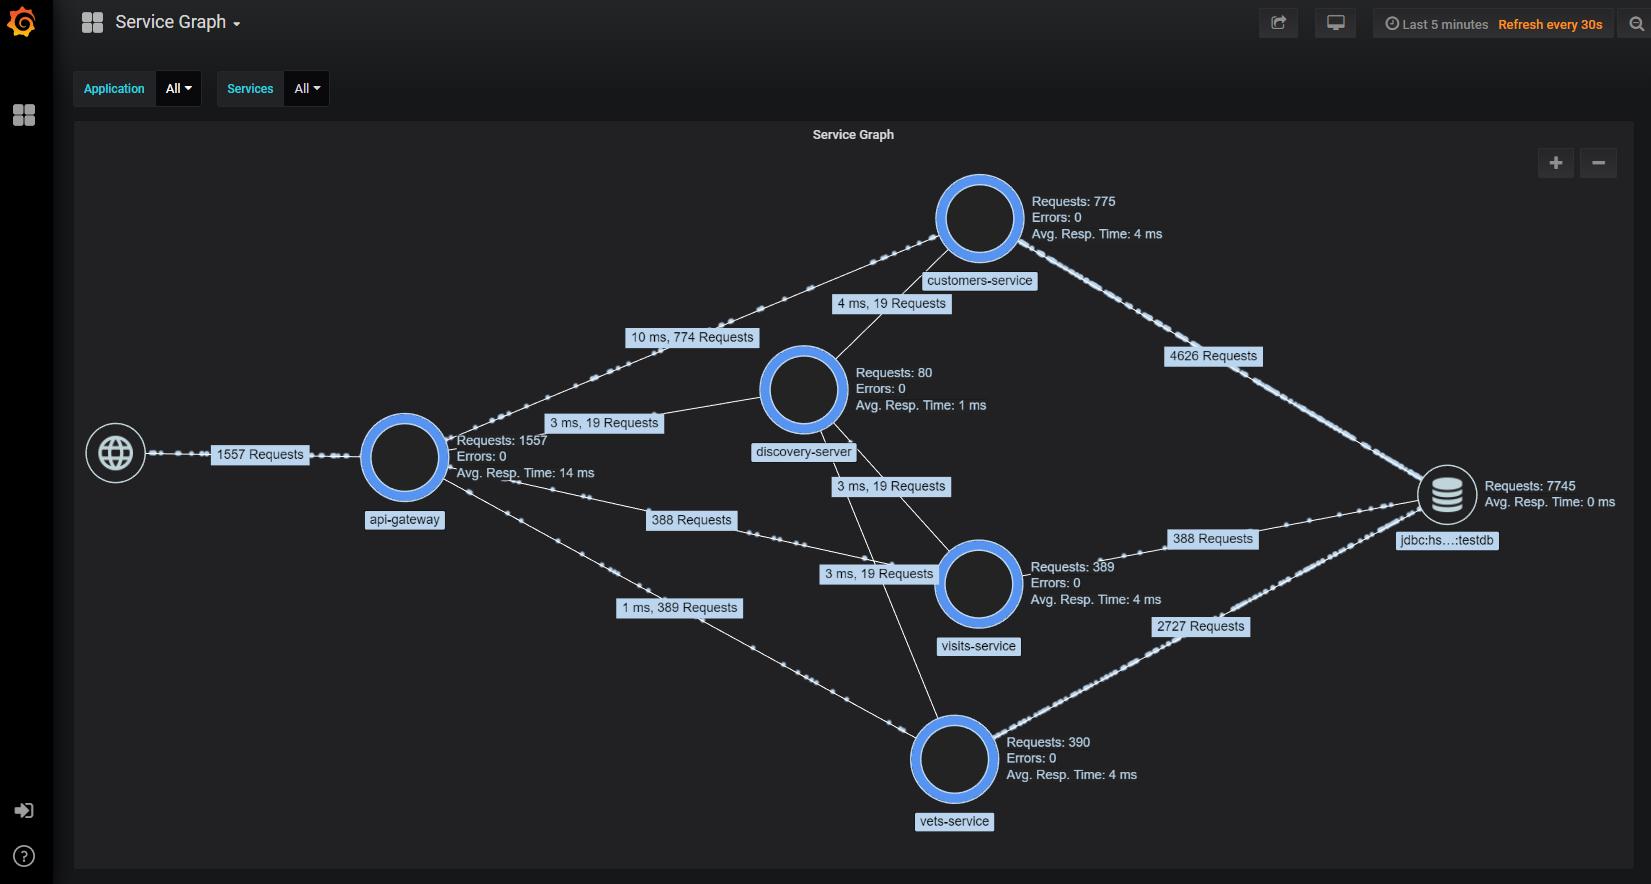 Service Graph